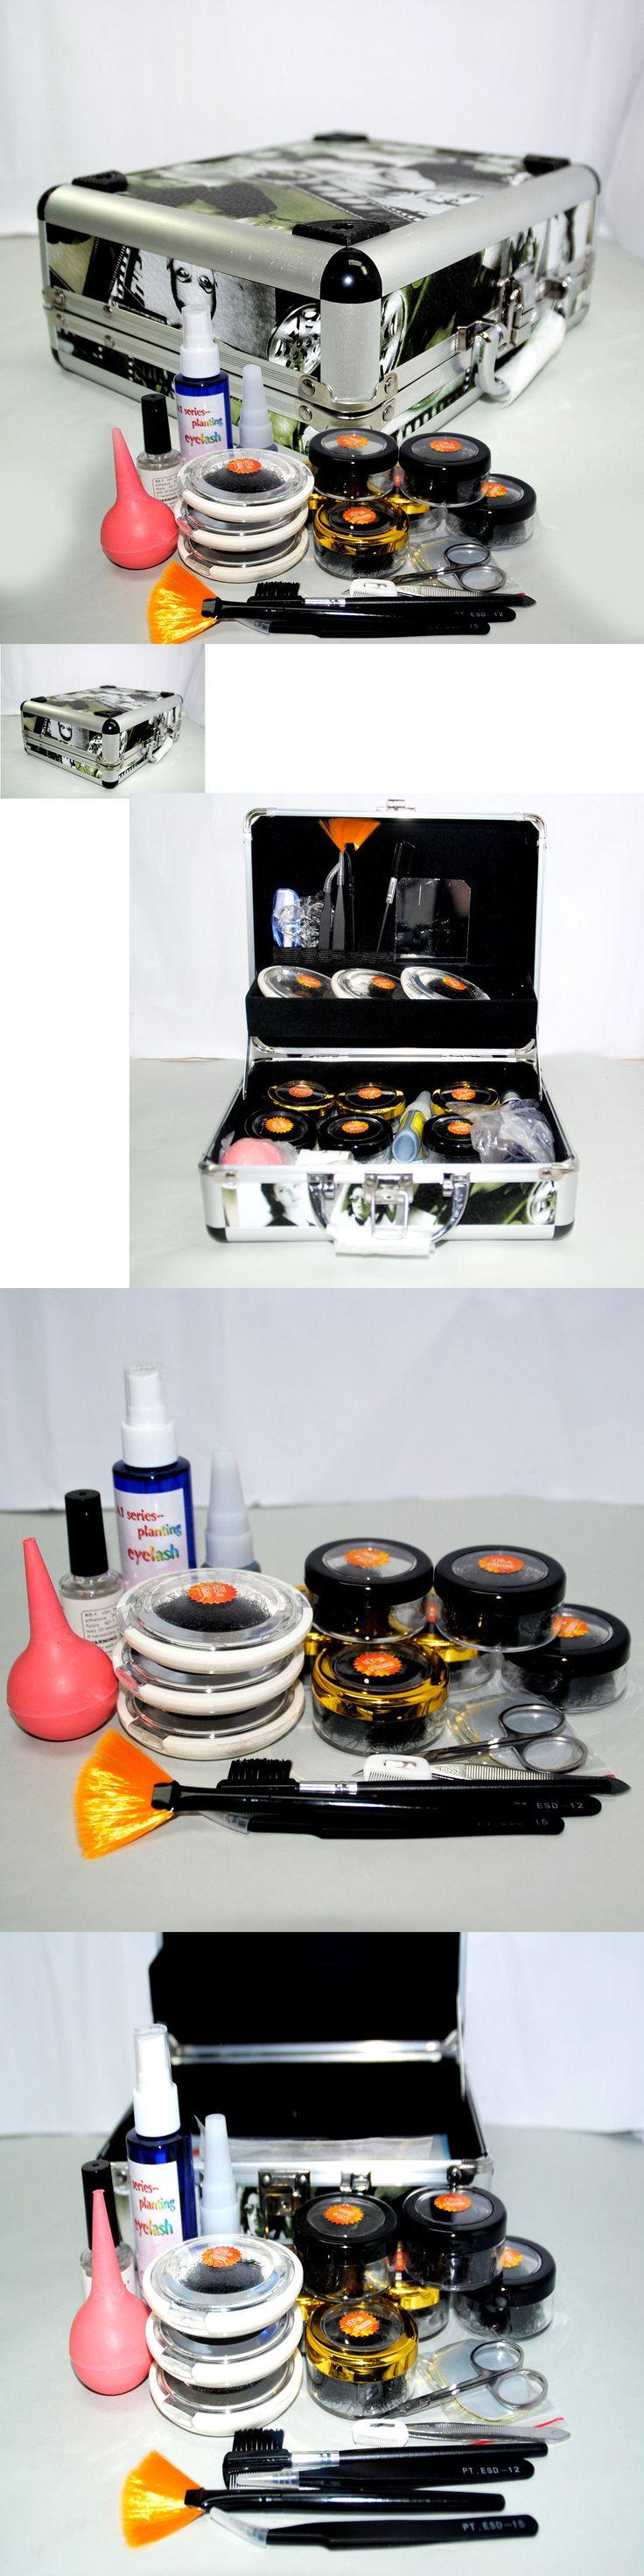 False Eyelashes and Adhesives: Professional False Eyelashes Extension Kit Eye Lash Full Tools Kit Set With Case -> BUY IT NOW ONLY: $35.99 on eBay!